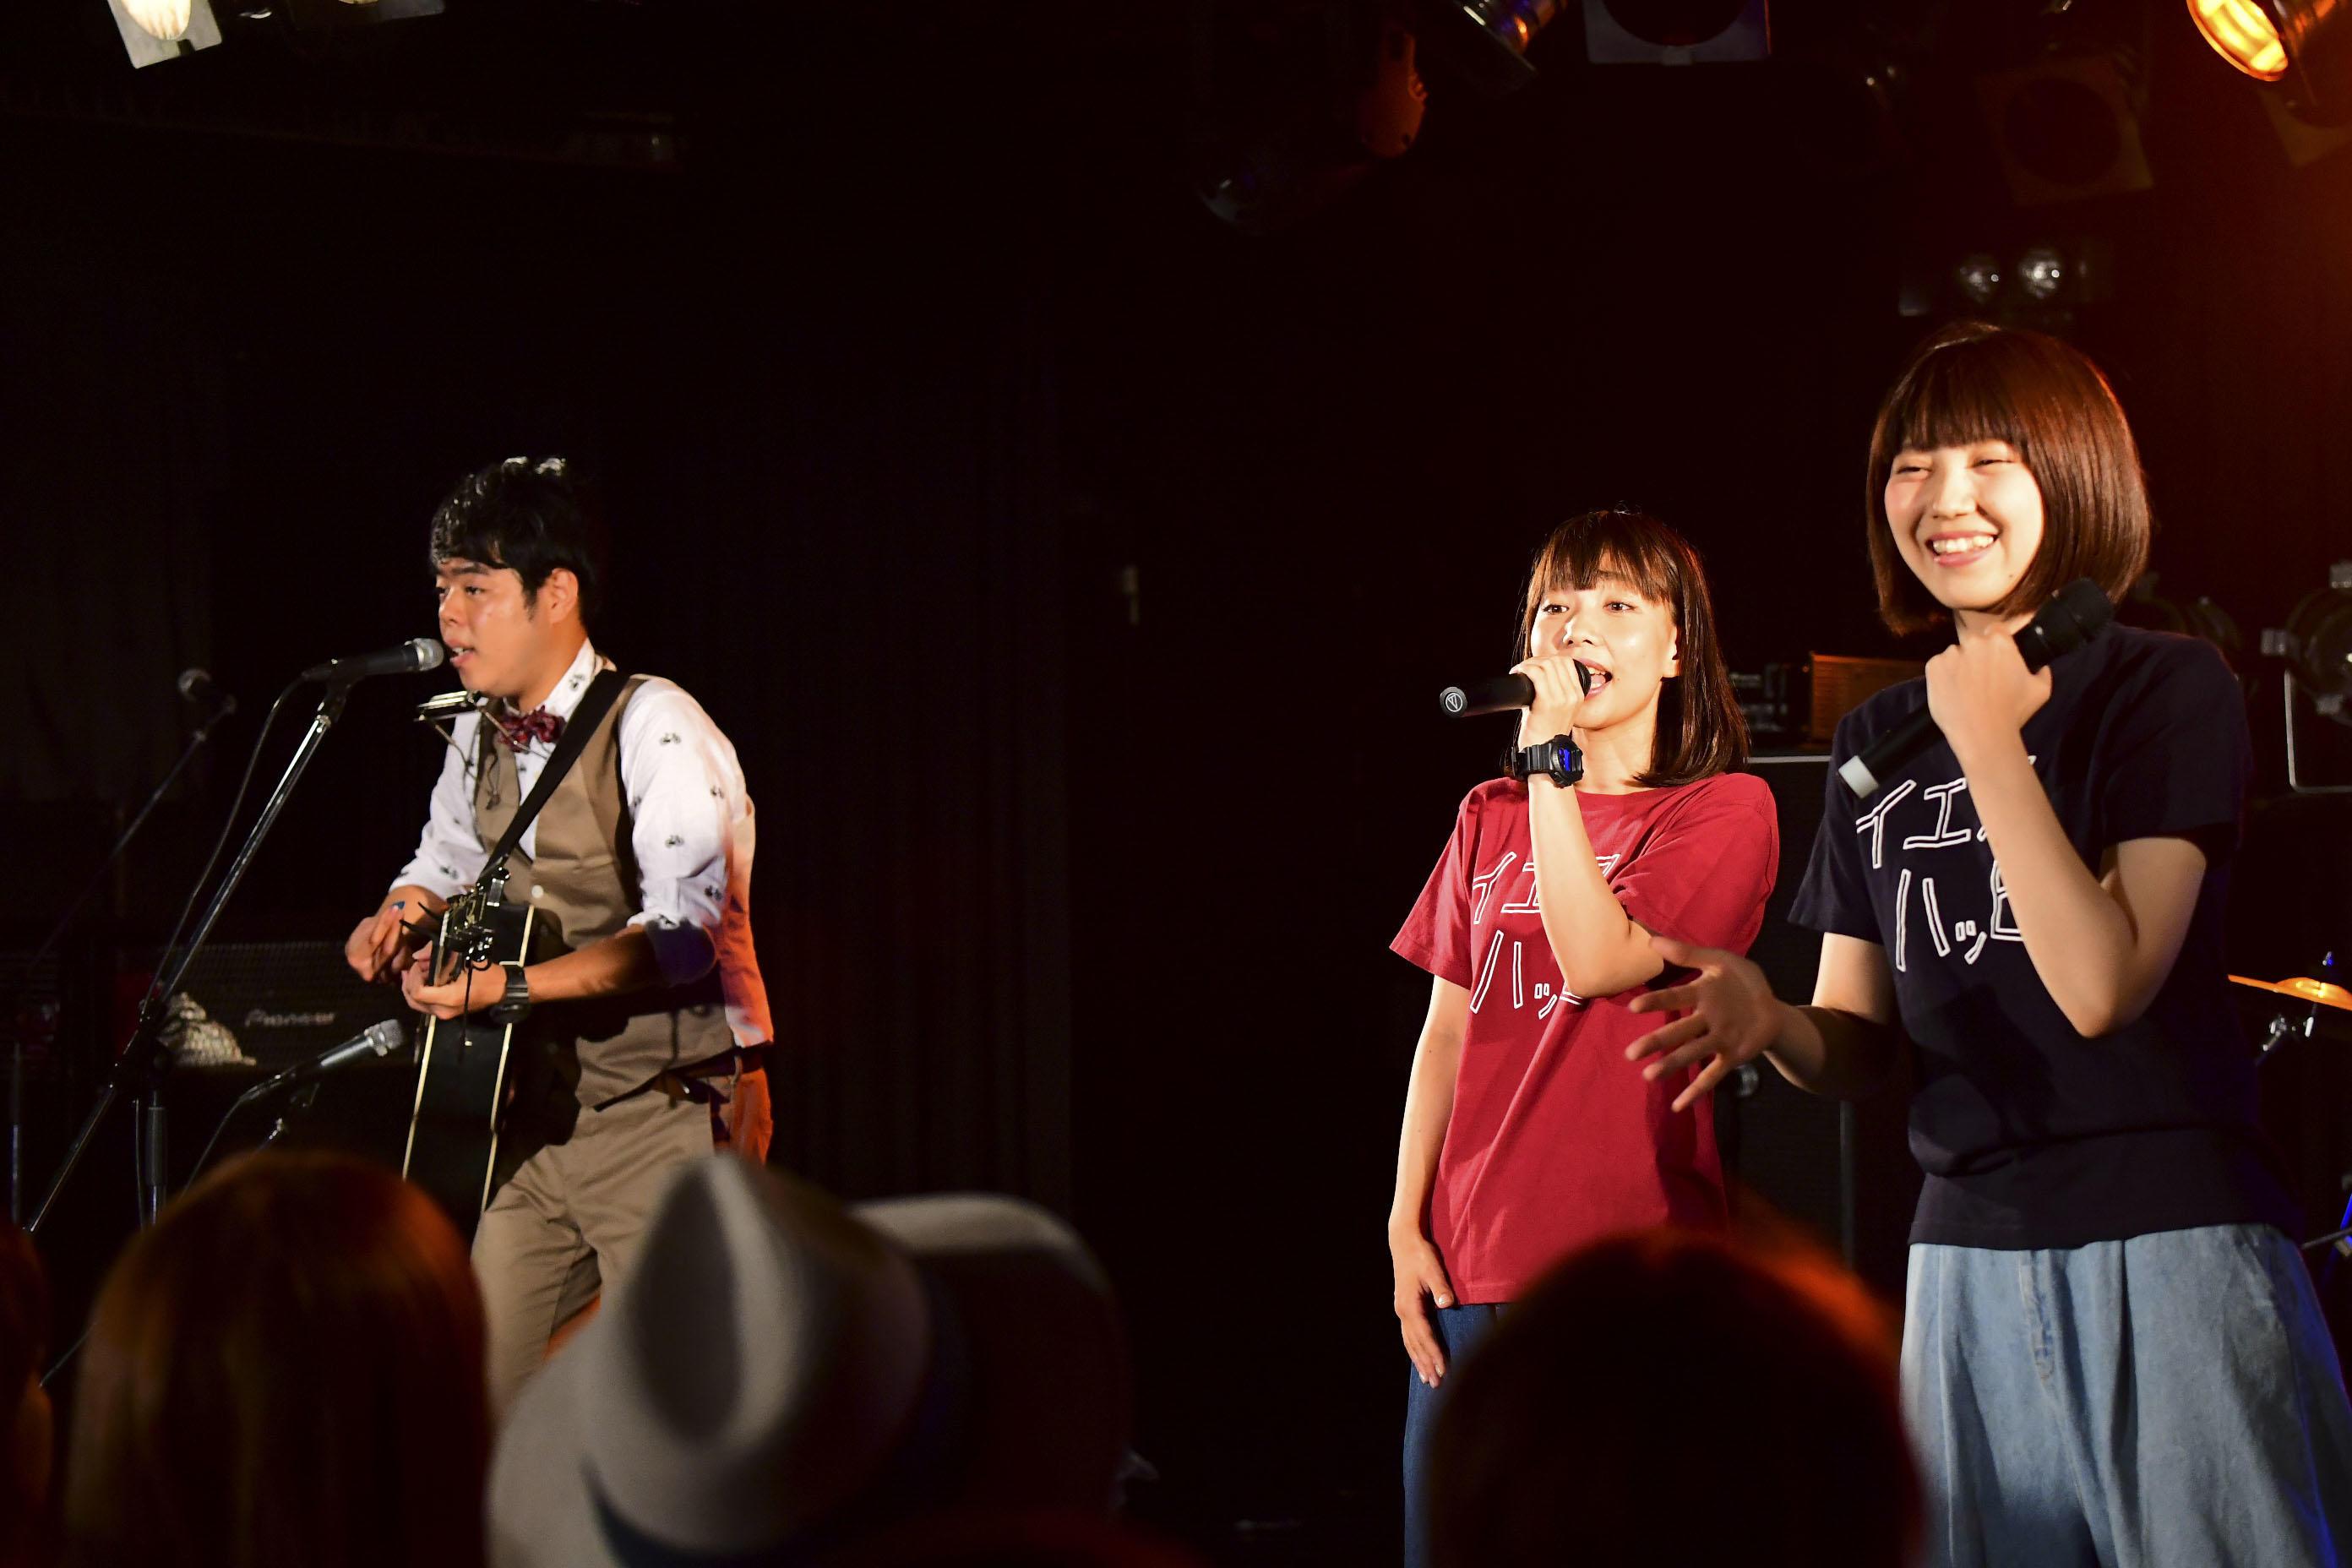 http://news.yoshimoto.co.jp/20170802093855-3fe8802d50950846b77fb06aae38986470b94559.jpg